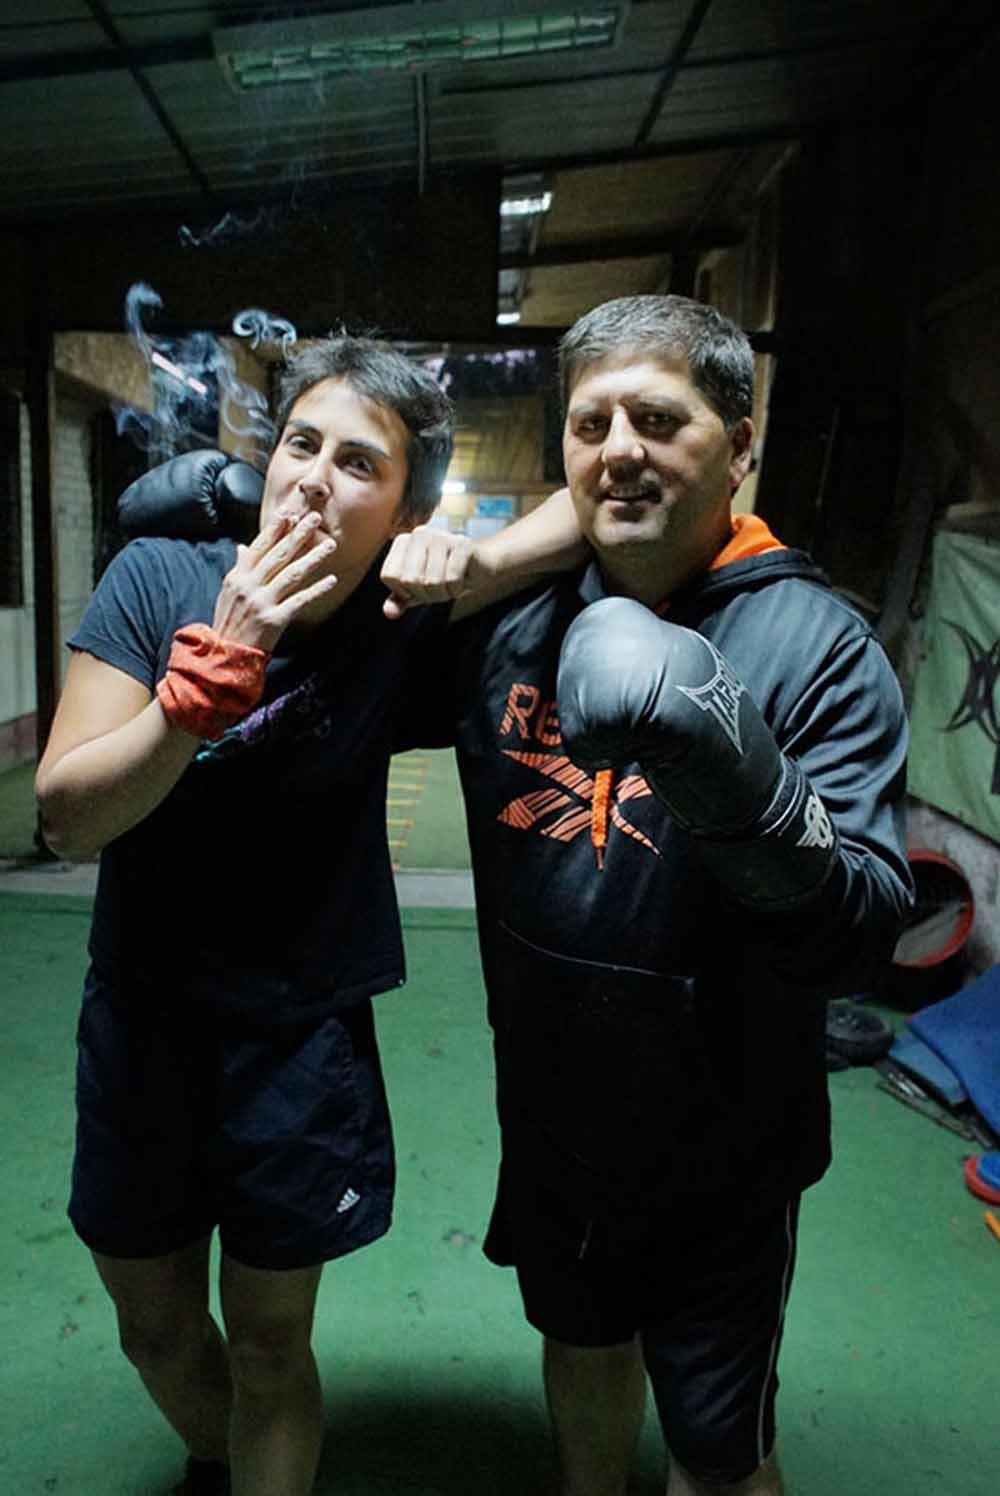 Leden van de boksclub in actie. – © Pablo Munoz